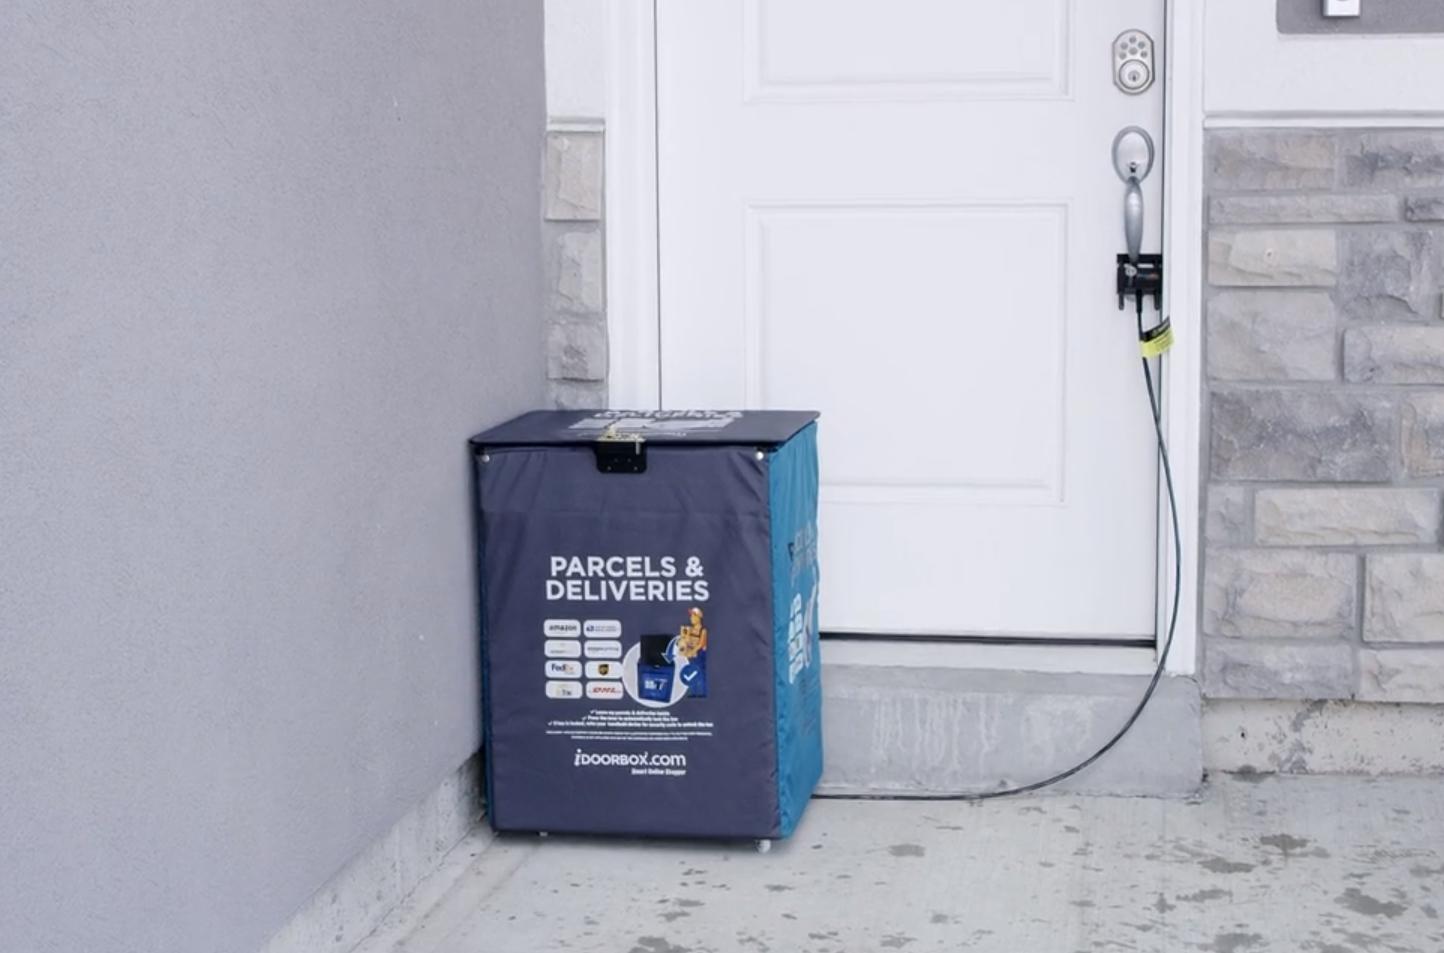 iDoorBox, un sistema para que Amazon te deje los paquetes en casa, cuando no estás en casa